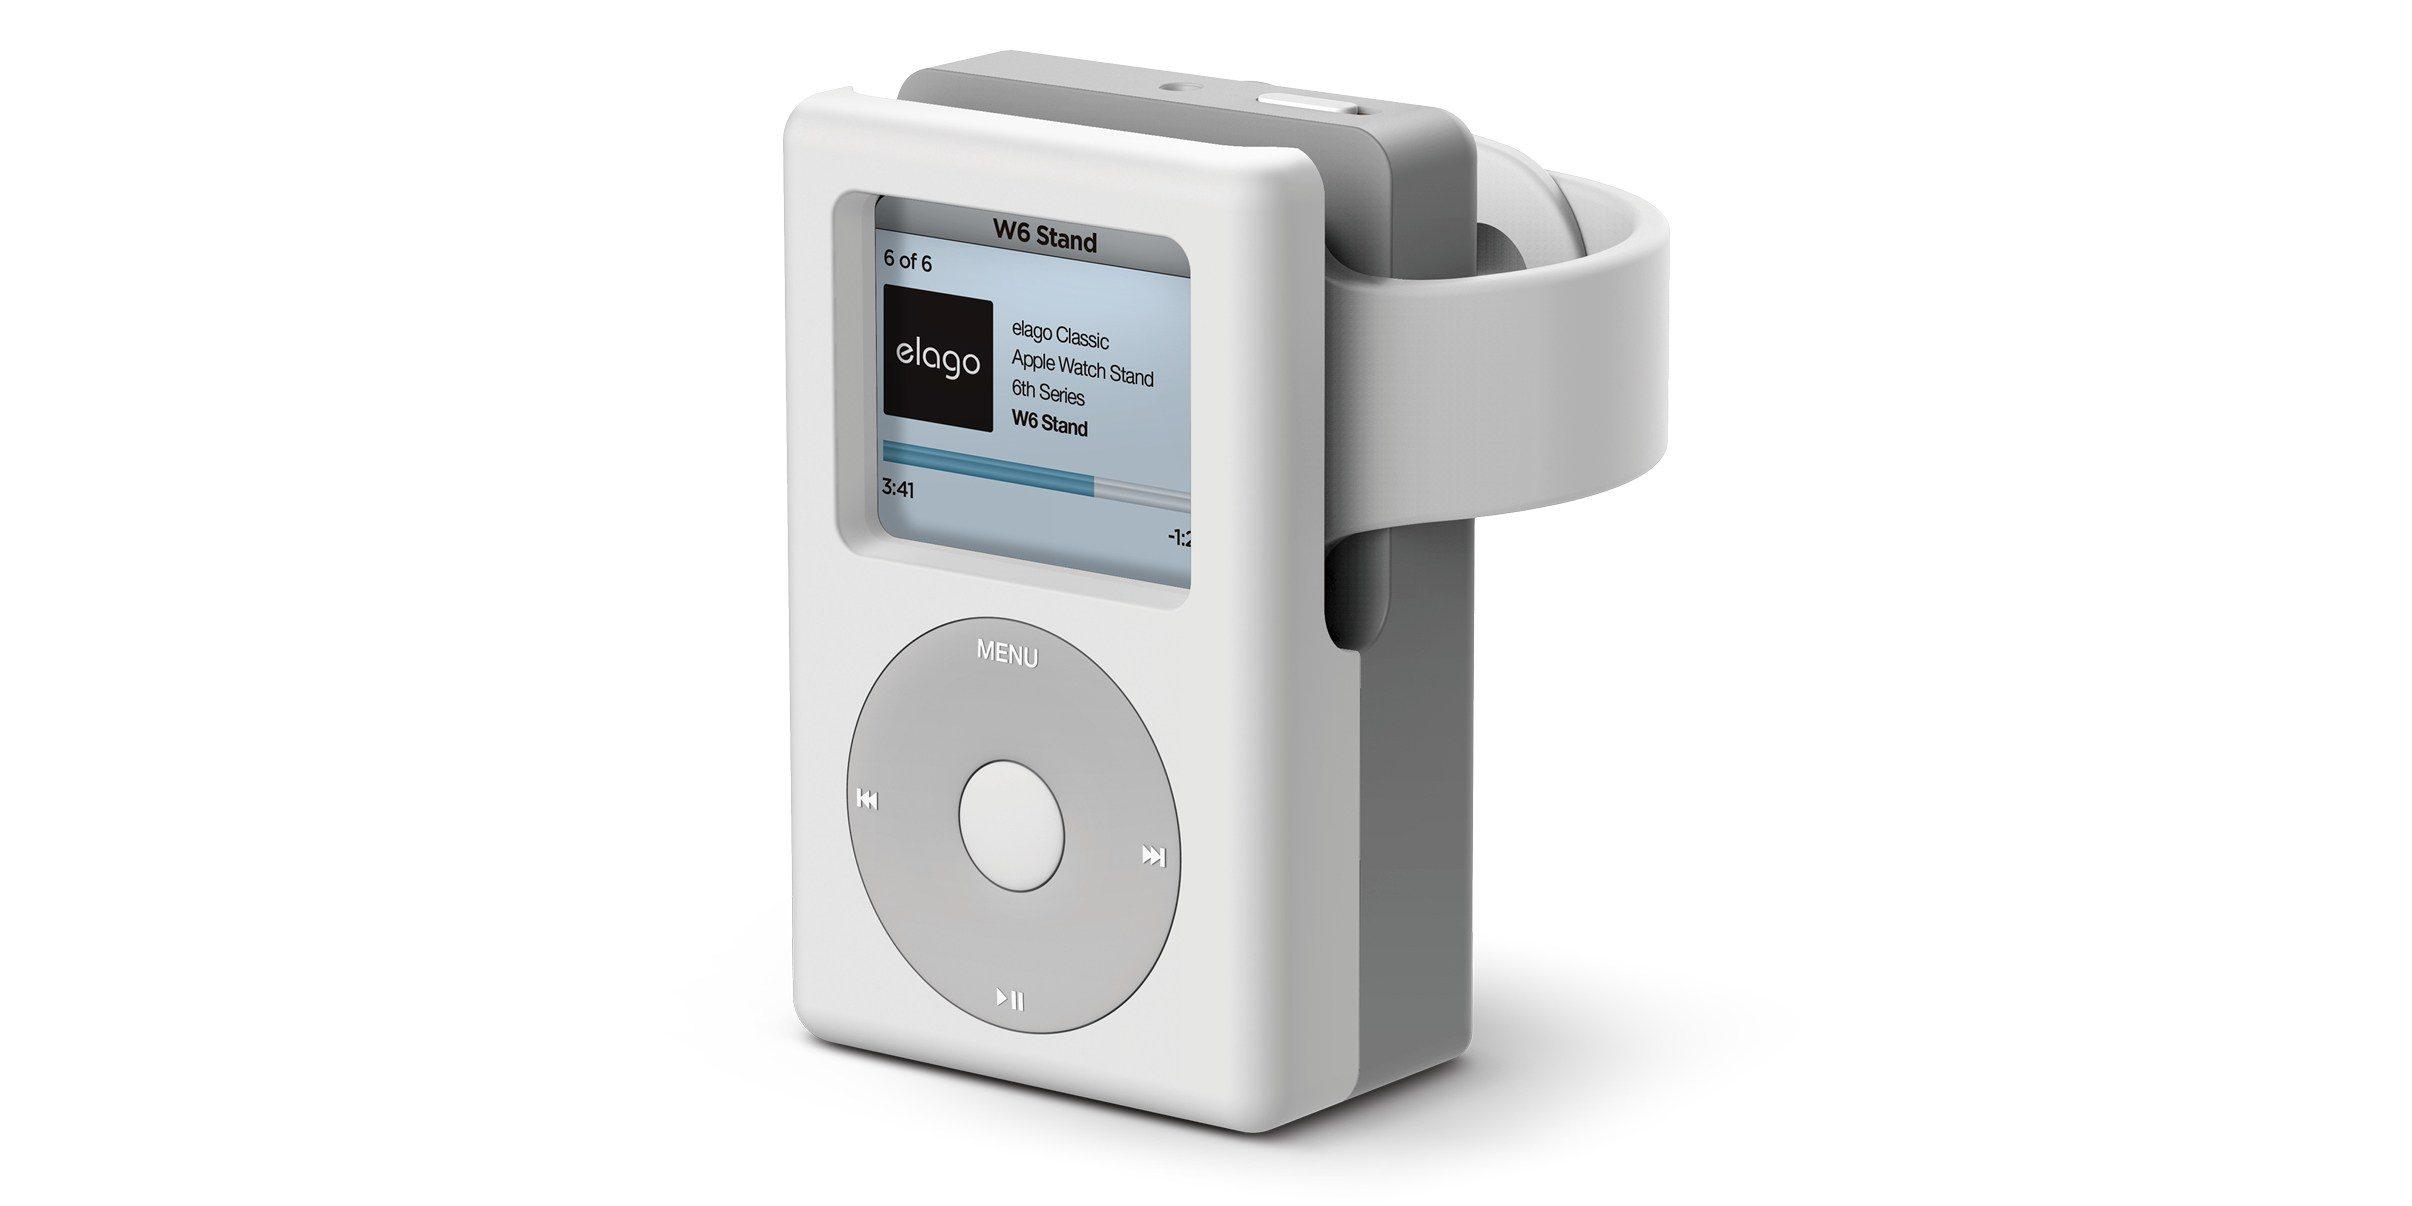 利用这款充电支架,可将 Apple Watch 伪装成 iPod